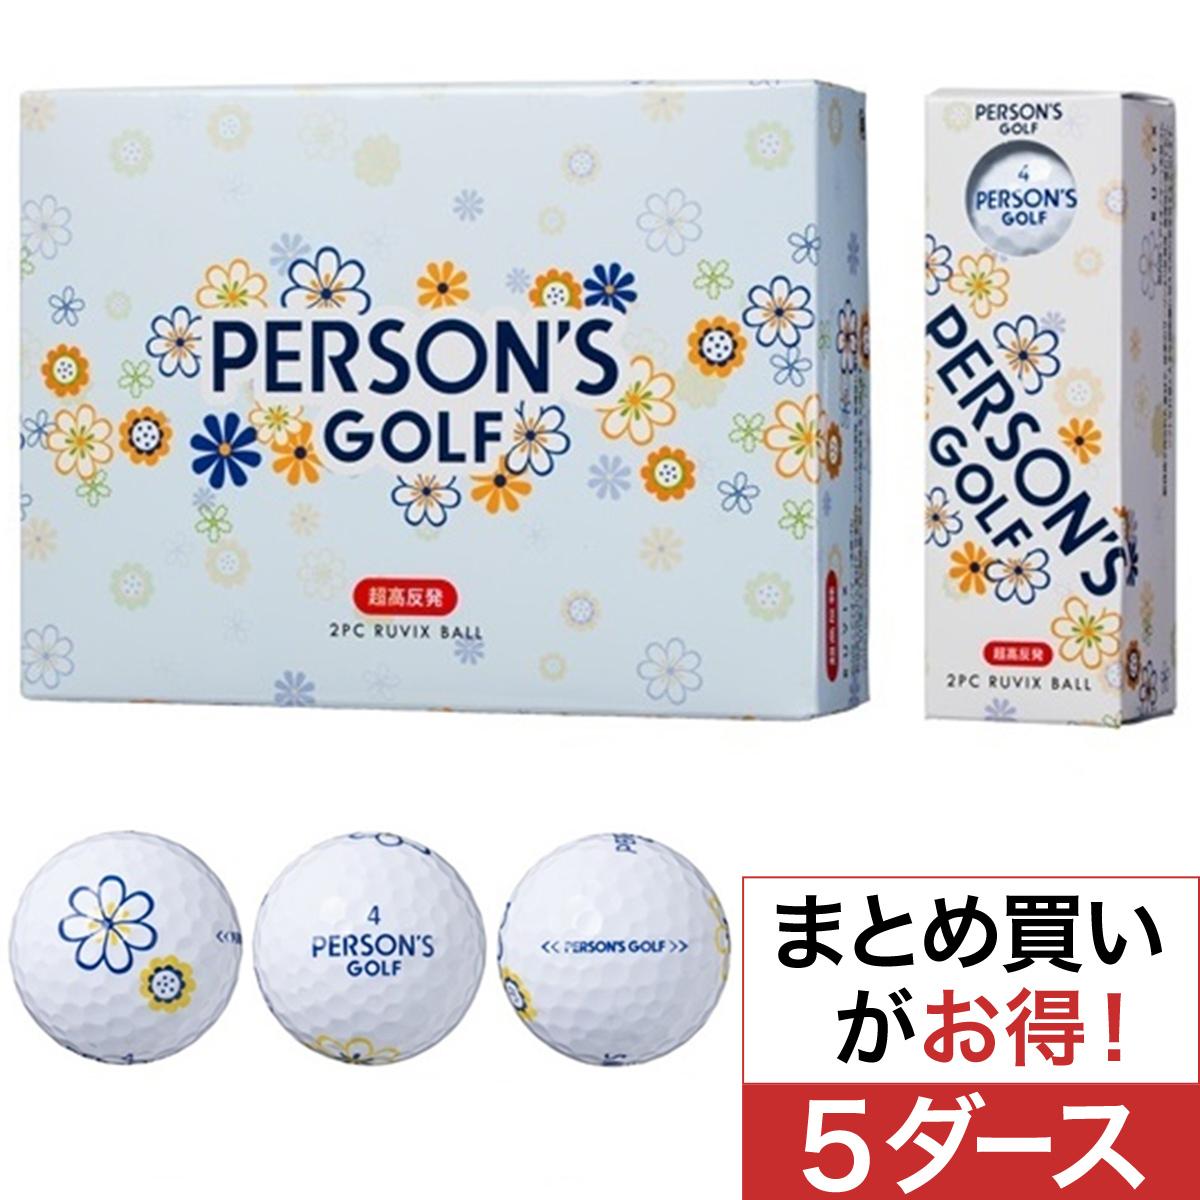 パーソンズゴルフボール 5ダースセット【非公認球】レディス